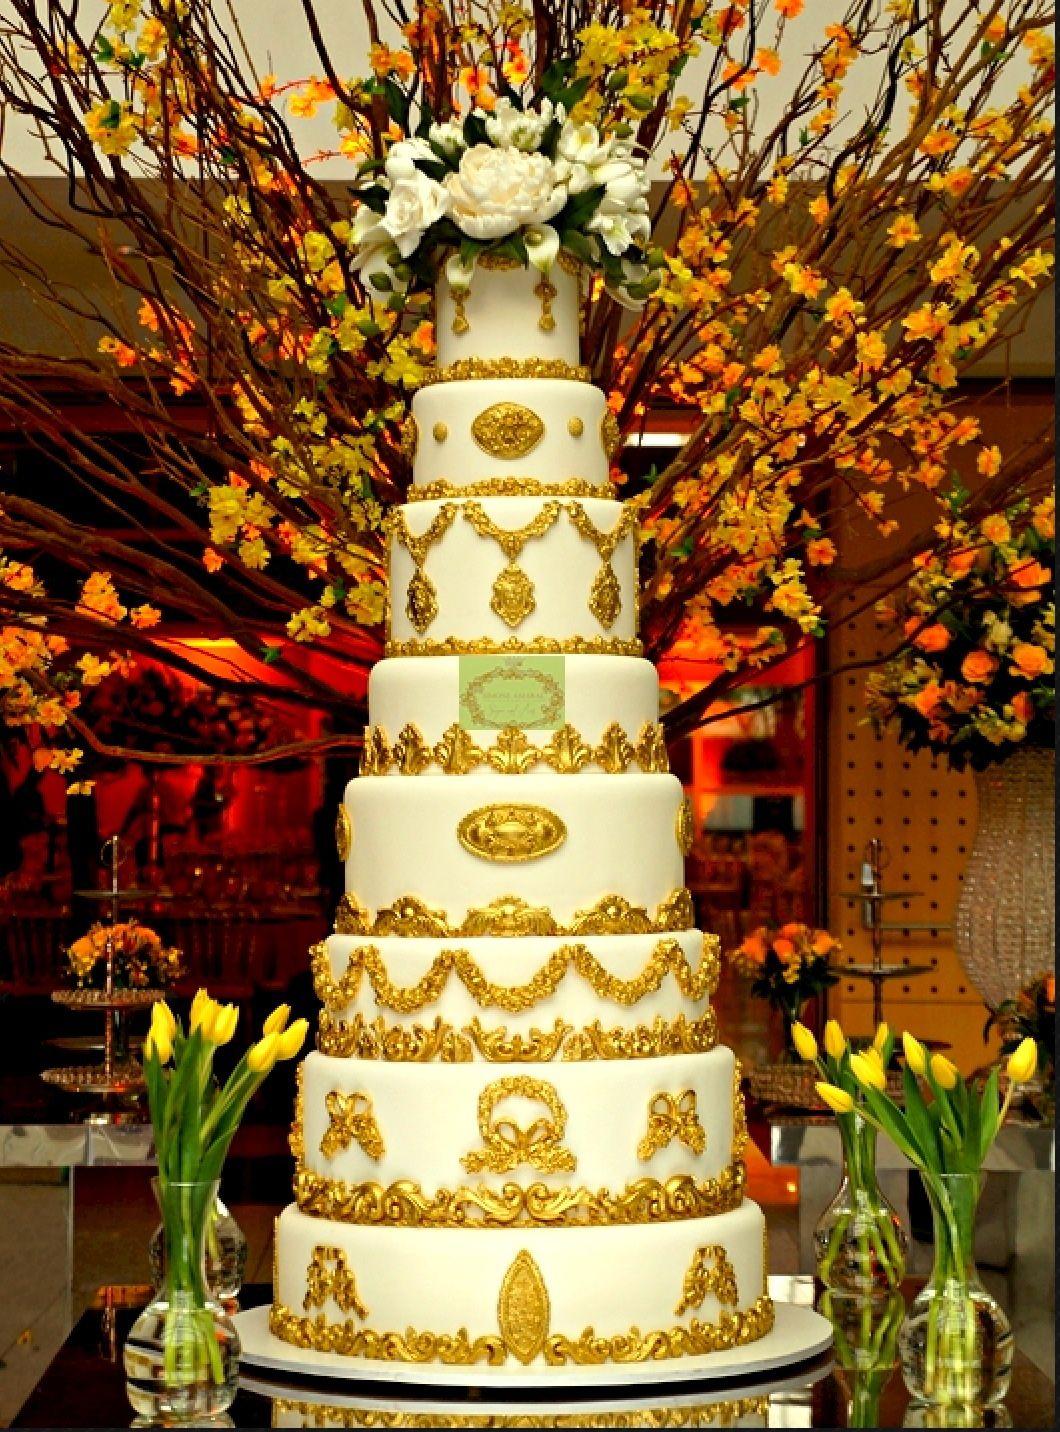 Bolo gigante, 8 andares, 1,40 m de altura, detalhes provençal em pó de ouro, topo repleto de flores em açucar, criado e assinado por Simone Amaral. Siga www.instagram.com/simoneamaralofficial e curta www.fb.com/simoneamaralpatisserie